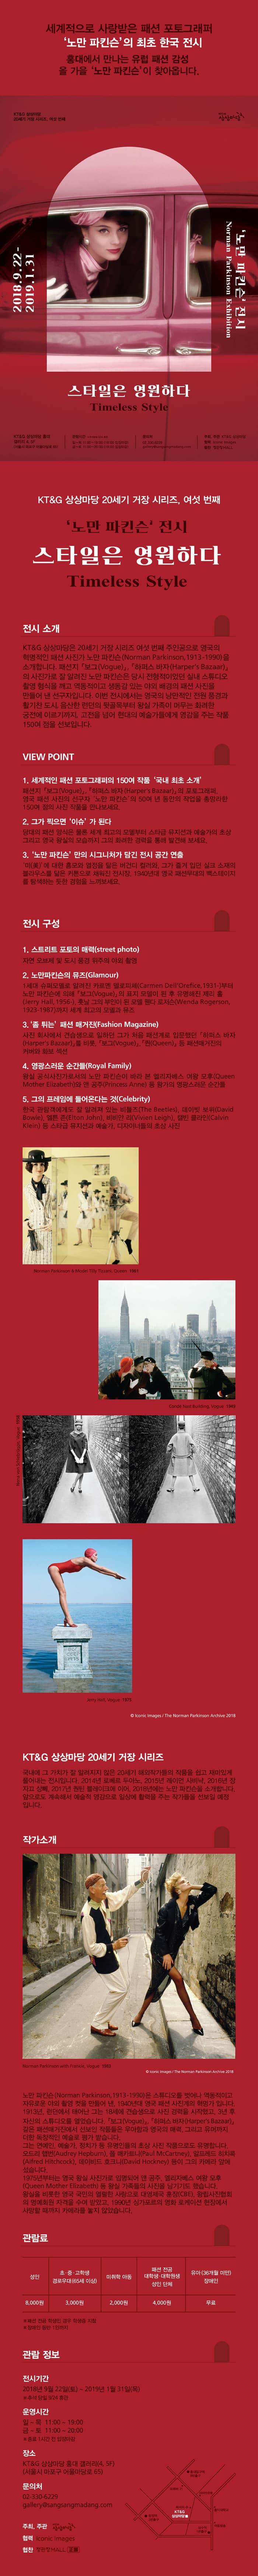 세계적으로 사랑받은 패션 포토그래퍼 노만 파킨슨의 최초 한국 전시 홍대에서 만나는 유럽 패션 감성 올 가을 노만 파킨슨 이 찾아옵니다. KTG 상상마당 20세기 거장 시리즈, 여섯 번째 상상마당 2018.9.22 ~ 2019.1.31 Norman Parkinson Exhibition 노만 파킨슨 전시 스타일은 영원하다. Timeless Style KTG 상상마당 홍대 갤러리 4, 5F (서울시 마포구 어울마당로 65) 관람시간 일 ~ 11:00~19:00 (18:00 입장마감) 금~11:00~20:00 (19:00 입장마감)) 문의처 102,330,6229 galleryosungsangmadang com   주회, 주관 KTG 상상마당 협력 Iconic Images 협찬 정관장MALL KTG 상상마당 20세기 거장 시리즈, 여섯 번째 「노만 파킨슨 전시 스타일은 영원하다 Timeless Style 전시 소개 KTG 상상마당은 20세기 거장 시리즈 여섯 번째 주인공으로 영국의 혁명적인 패션 사진가 노만 파킨슨 (Norman Parkinson,1913-1990)을 소개합니다. 패션지 보그(Vogue)』, 『하퍼스 바자(Harper's Bazaar), 의 사진가로 잘 알려진 노만 파킨슨은 당시 전형적이었던 실내 스튜디오 촬영 형식을 깨고 역동적이고 생동감 있는 야외 배경의 패션 사진을 만들어 낸 선구자입니다. 이번 전시에서는 영국의 낭만적인 전원 풍경과 활기찬 도시, 음산한 런던의 뒷골목부터 왕실 가족이 머무는 화려한 궁전에 이르기까지, 고전을 넘어 현대의 예술가들에게 영감을 주는 작품 150여 점을 선보입니다. VIEW POINT 1. 세계적인 패션 포토그래퍼의 150여 작품 국내 최초 소개 패션지 보그(Vogue)』, 『하퍼스 바자 (Harper's Bazaar) 의 포토그래퍼. 영국 패션 사진의 선구자 노만 파킨슨의 50여 년 동안의 작업을 총망라한 150여 점의 사진 작품을 만나보세요. 2. 그가 찍으면 이슈가 된다 당대의 패션 양식은 물론 세계 최고의 모델부터 스타급 뮤지션과 예술가의 초상 그리고 영국 왕실의 모습까지 그의 화려한 경력을 통해 발견해 보세요. 3. 노만 파킨슨 만의 시그니처가 담긴 전시 공간 연출 미(美)에 대한 흠모와 열정을 닮은 버건디 컬러와, 그가 즐겨 입던 실크 소재의 블라우스를 닮은 커튼으로 채워진 전시장, 1940년대 영국 패션무대의 백스테이지 를 탐색하는 듯한 경험을 느껴보세요. 전시 구성 11. 스트리트 포토의 매력(street photo)) 자연 오브제 및 도시 풍경 위주의 야외 촬영 2. 노만파킨슨의 뮤즈(Glamour), 1세대 슈퍼모델로 알려진 카르멘 델로피체(Carmen Dell'Orefice, 1931-)부터 노만 파킨슨에 의해 보그(Vogue)』의 표지 모델이 된 후 유명해진 제리 홀 (Jerry Hall, 1956-), 훗날 그의 부인이 된 모델 웬다 로저슨(Wenda Rogerson, [1923-1987)까지 세계 최고의 모델과 뮤즈 In Maga 세계로 입는 패션 3. 좀 튀는 패션 매거진(Fashion Magazine) 사진 회사에서 견습생으로 일하던 그가 처음 패션계로 입문했던 '하퍼스 바자 (Harper's Bazaar)』를 비롯, 「보그(Vogue)』, 『퀸(Queen)』 등 패션매거진의 커버와 화보 섹션 4. 영광스러운 순간들(Royal Family) 왕실 공식사진가로서의 노만 파킨슨이 바라 본 엘리자베스 여왕 모후(Queen Mother Elizabeth)와 앤 공주(Princess Anne) 등 왕가의 영광스러운 순간들 5. 그의 프레임에 들어온다는 것(Celebrity) 한국 관람객에게도 잘 알려져 있는 비틀즈(The Beetles), 데이빗 보위(David Bowie), 엘튼 존(Elton John), 비비안 리(Vivien Leigh), 캘빈 클라인(Calvin Klein) 등 스타급 뮤지션과 예술가, 디자이너들의 초상 사진 Norman Parkinson & Model Tilly Tizzani, Queen 1961 Conde Nast Buildi